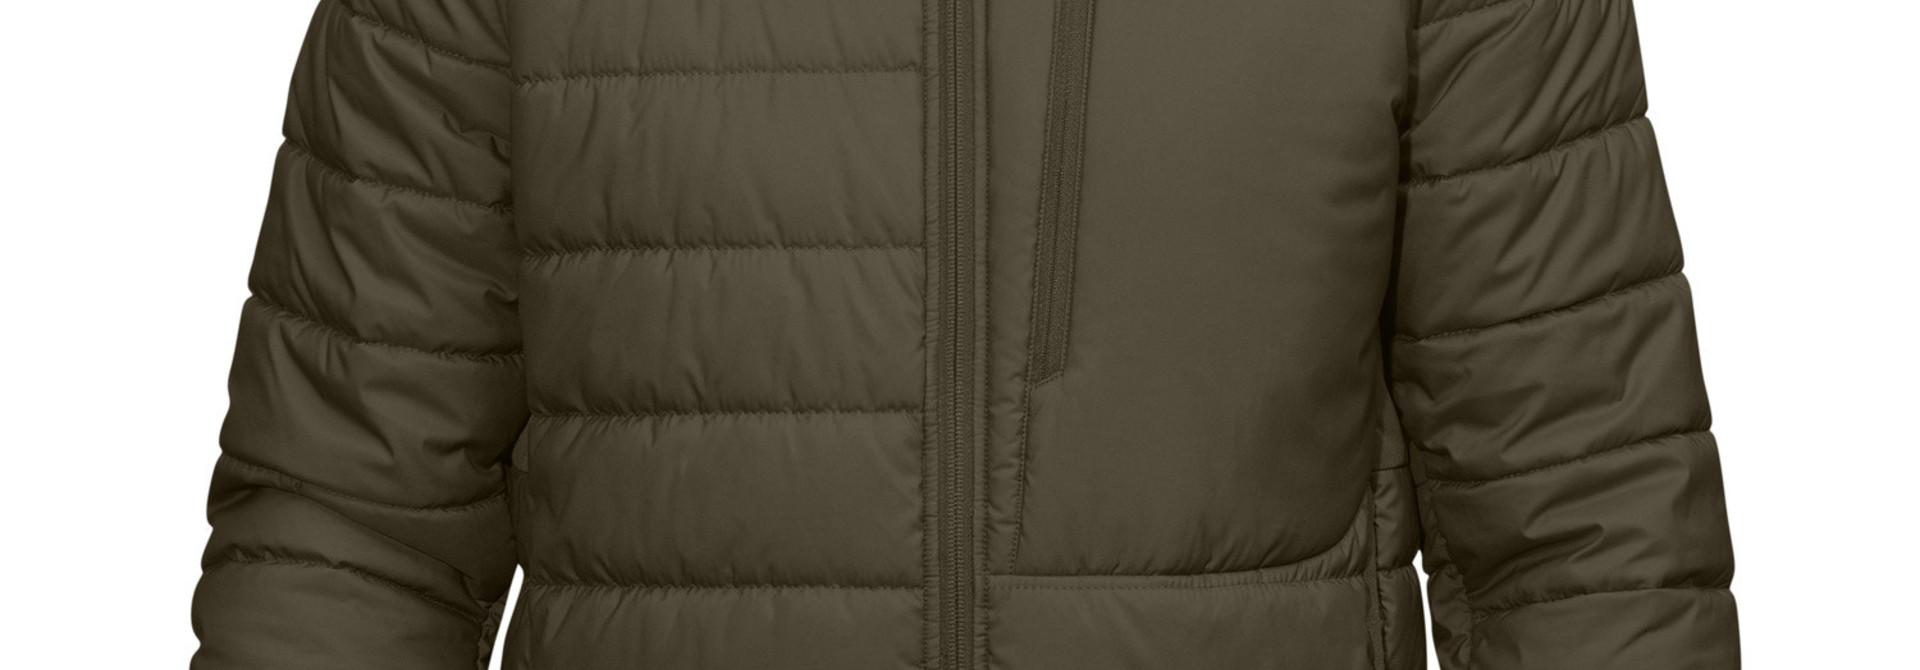 Fjällräven Värmland Padded Jacket M Dark Olive